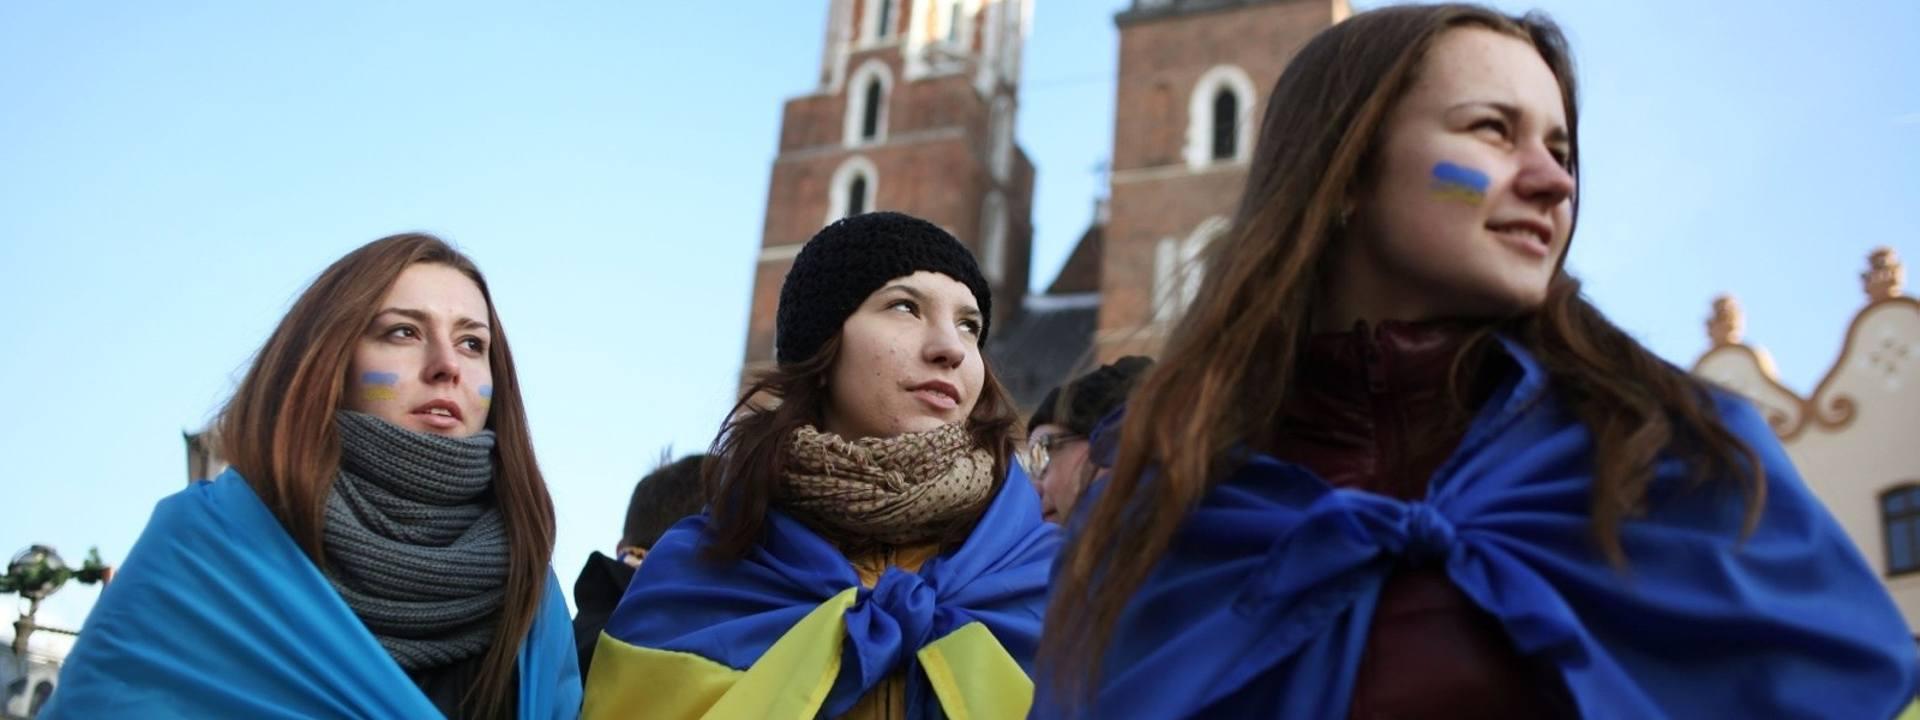 Ukraińcom w Krakowie dobrze, nie chcą wyjeżdżać